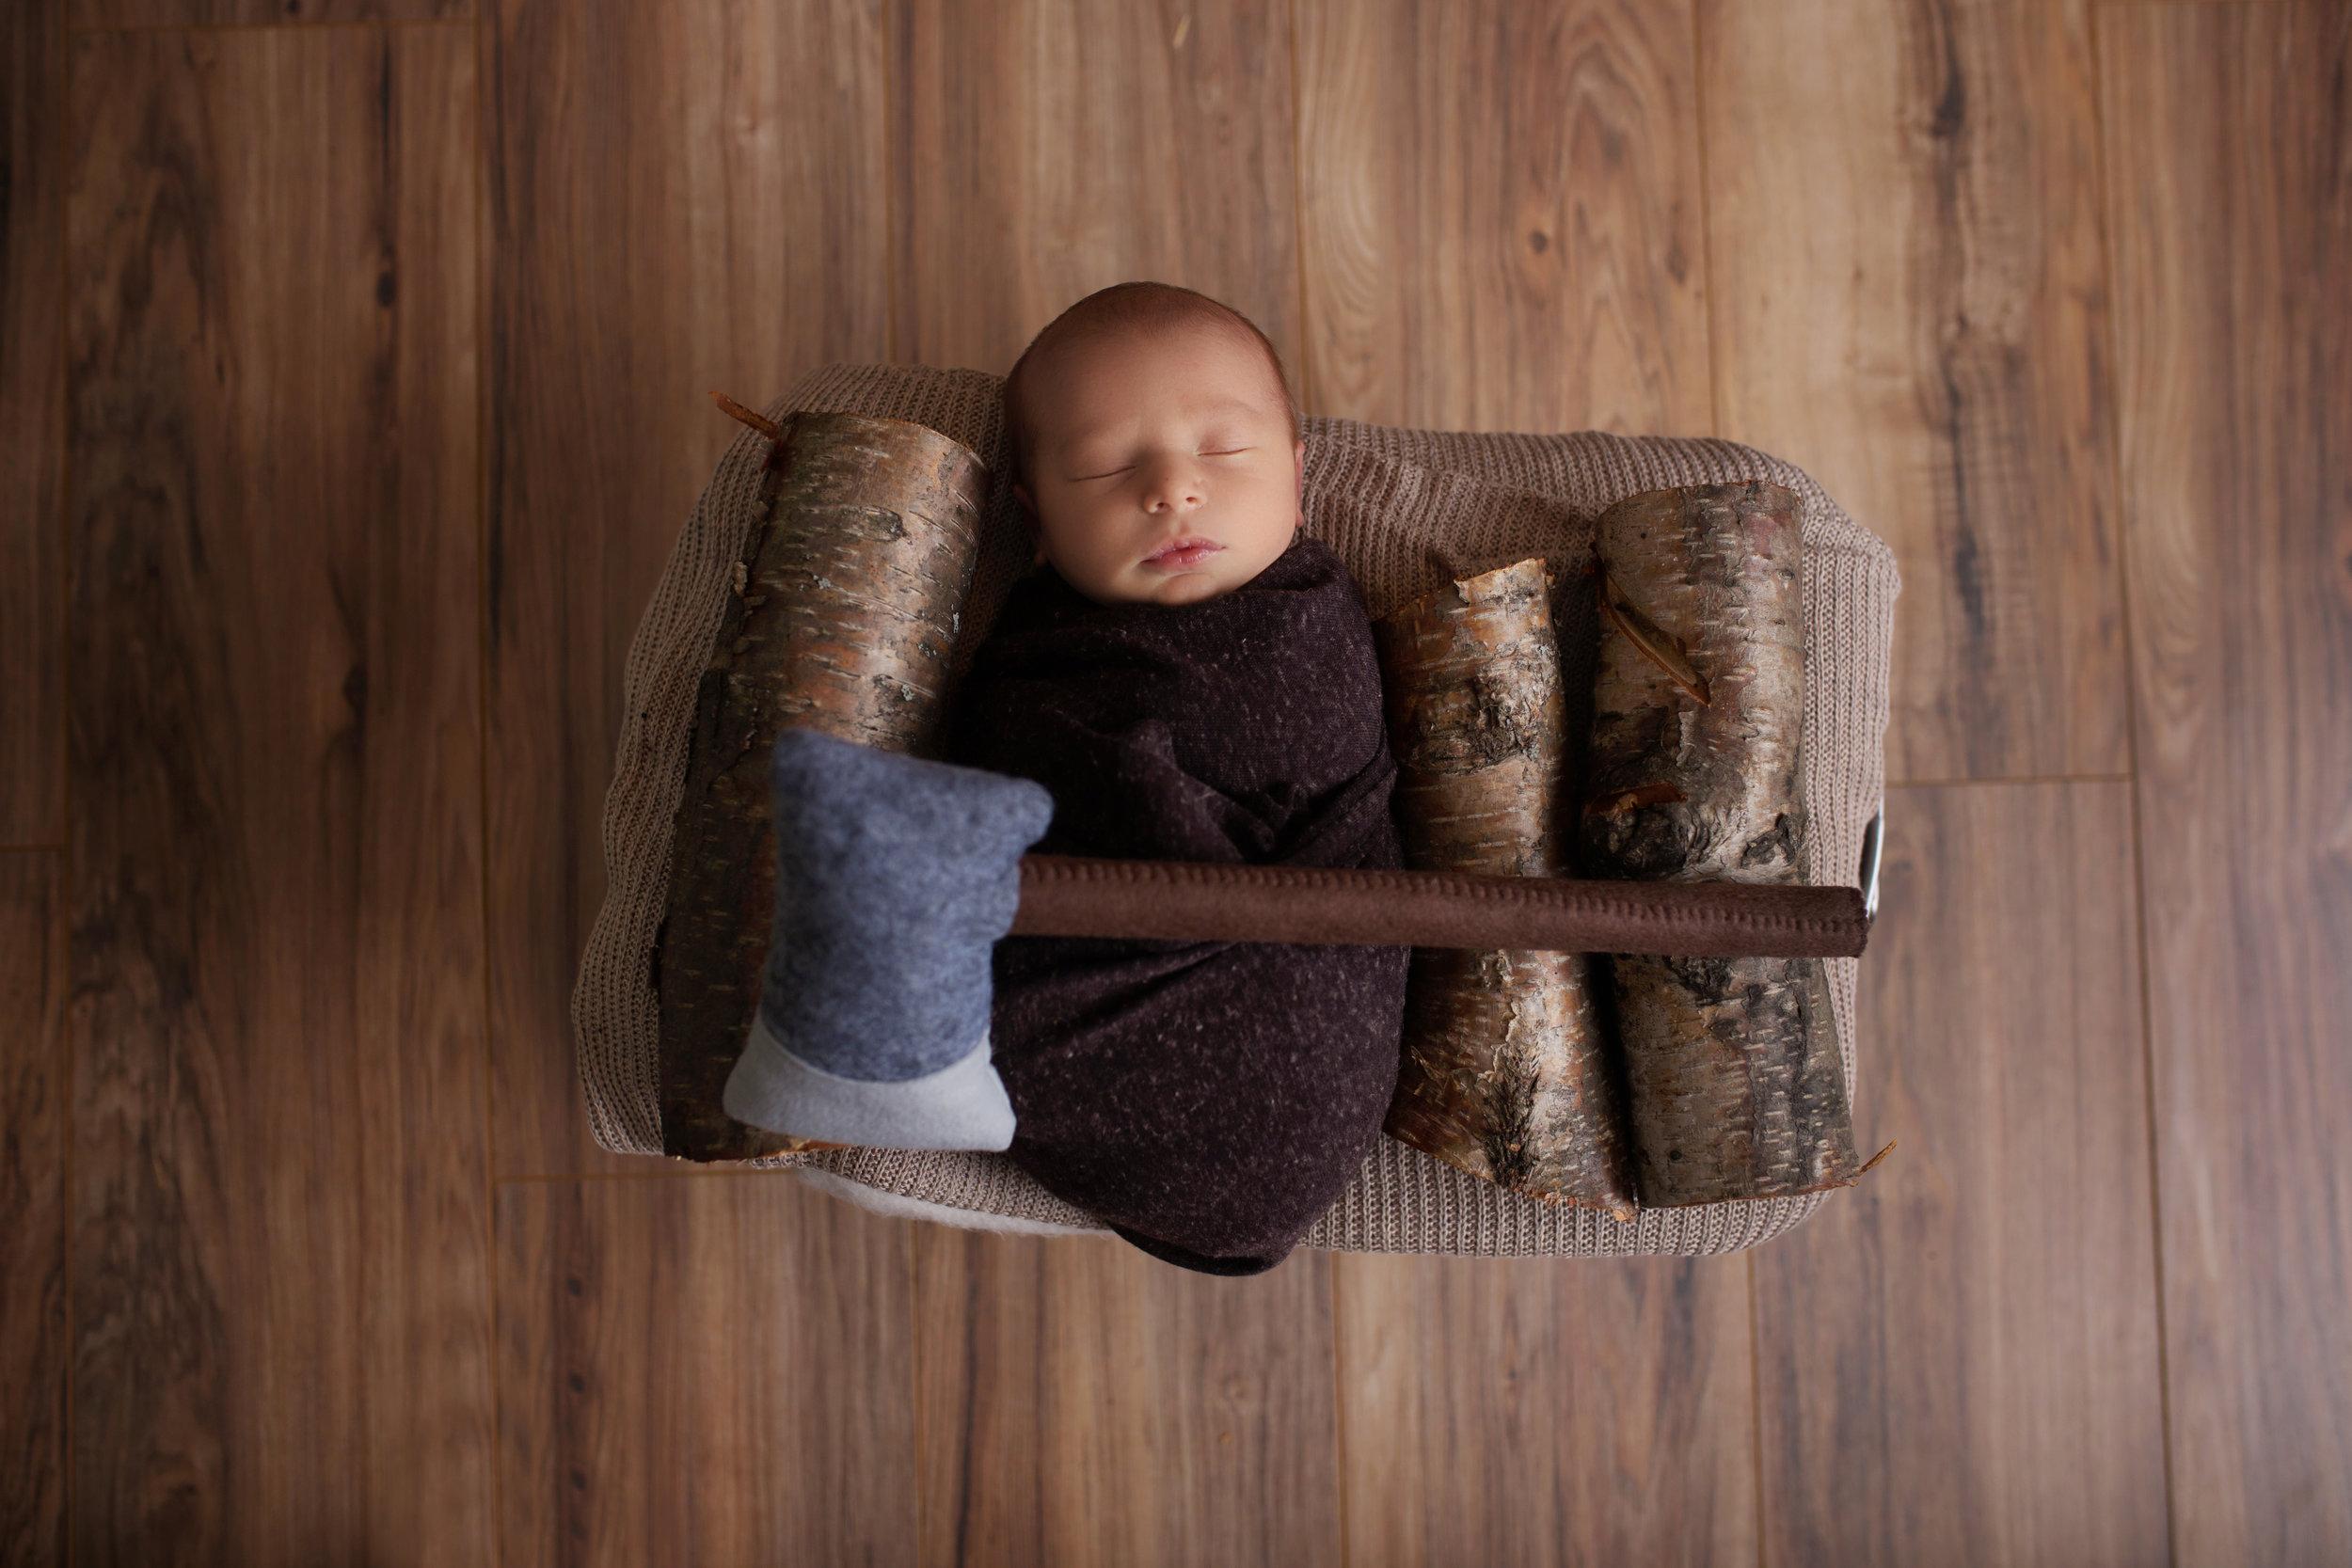 anchorage-newborn-photographer-1.jpg